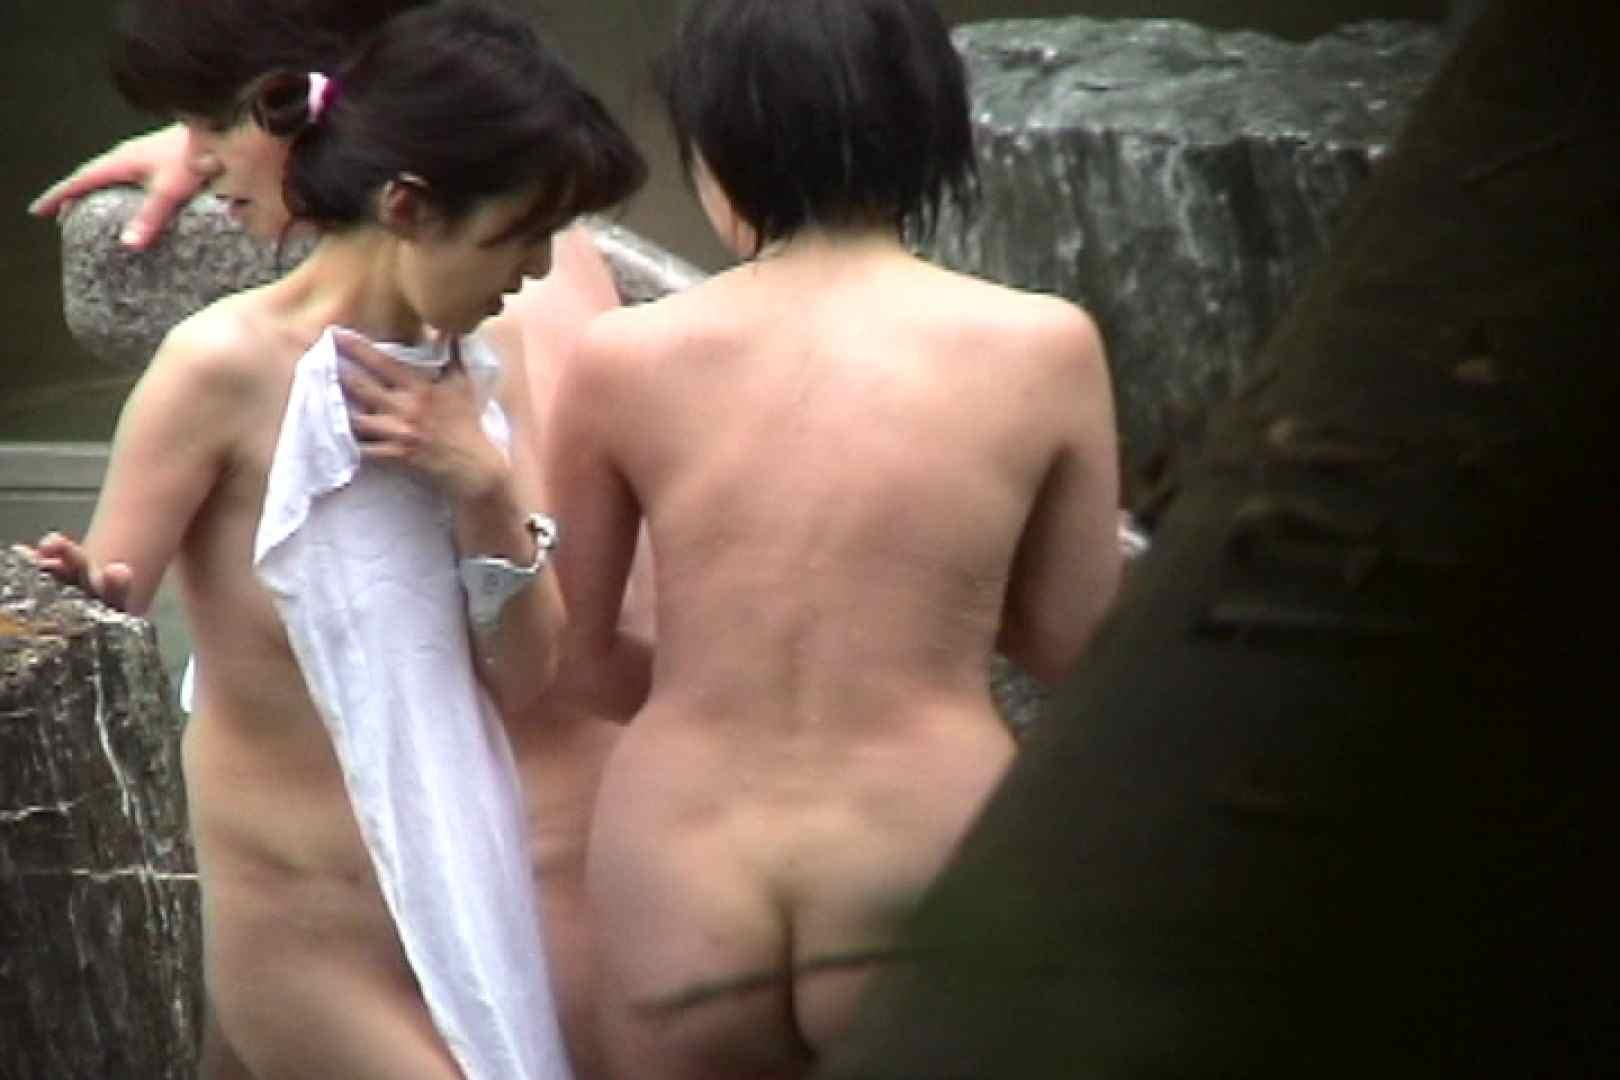 Aquaな露天風呂Vol.702 OLエロ画像 隠し撮りオマンコ動画紹介 109PICs 74